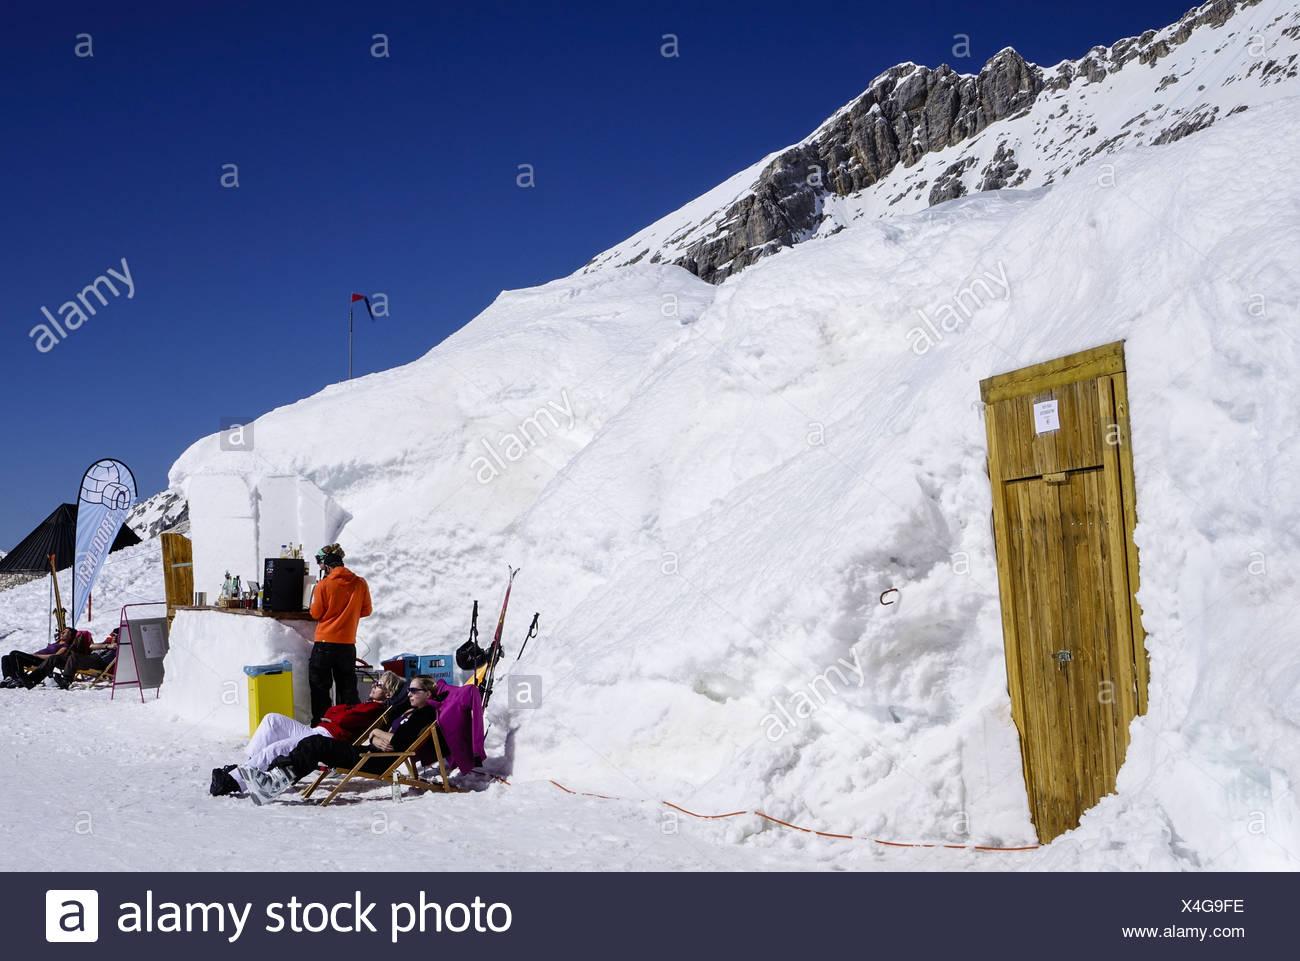 Das Iglu-Dorf, Bar und Hotel auf der Zugspitze, Alpen, Bayern, Deutschland, Europa - Stock Image